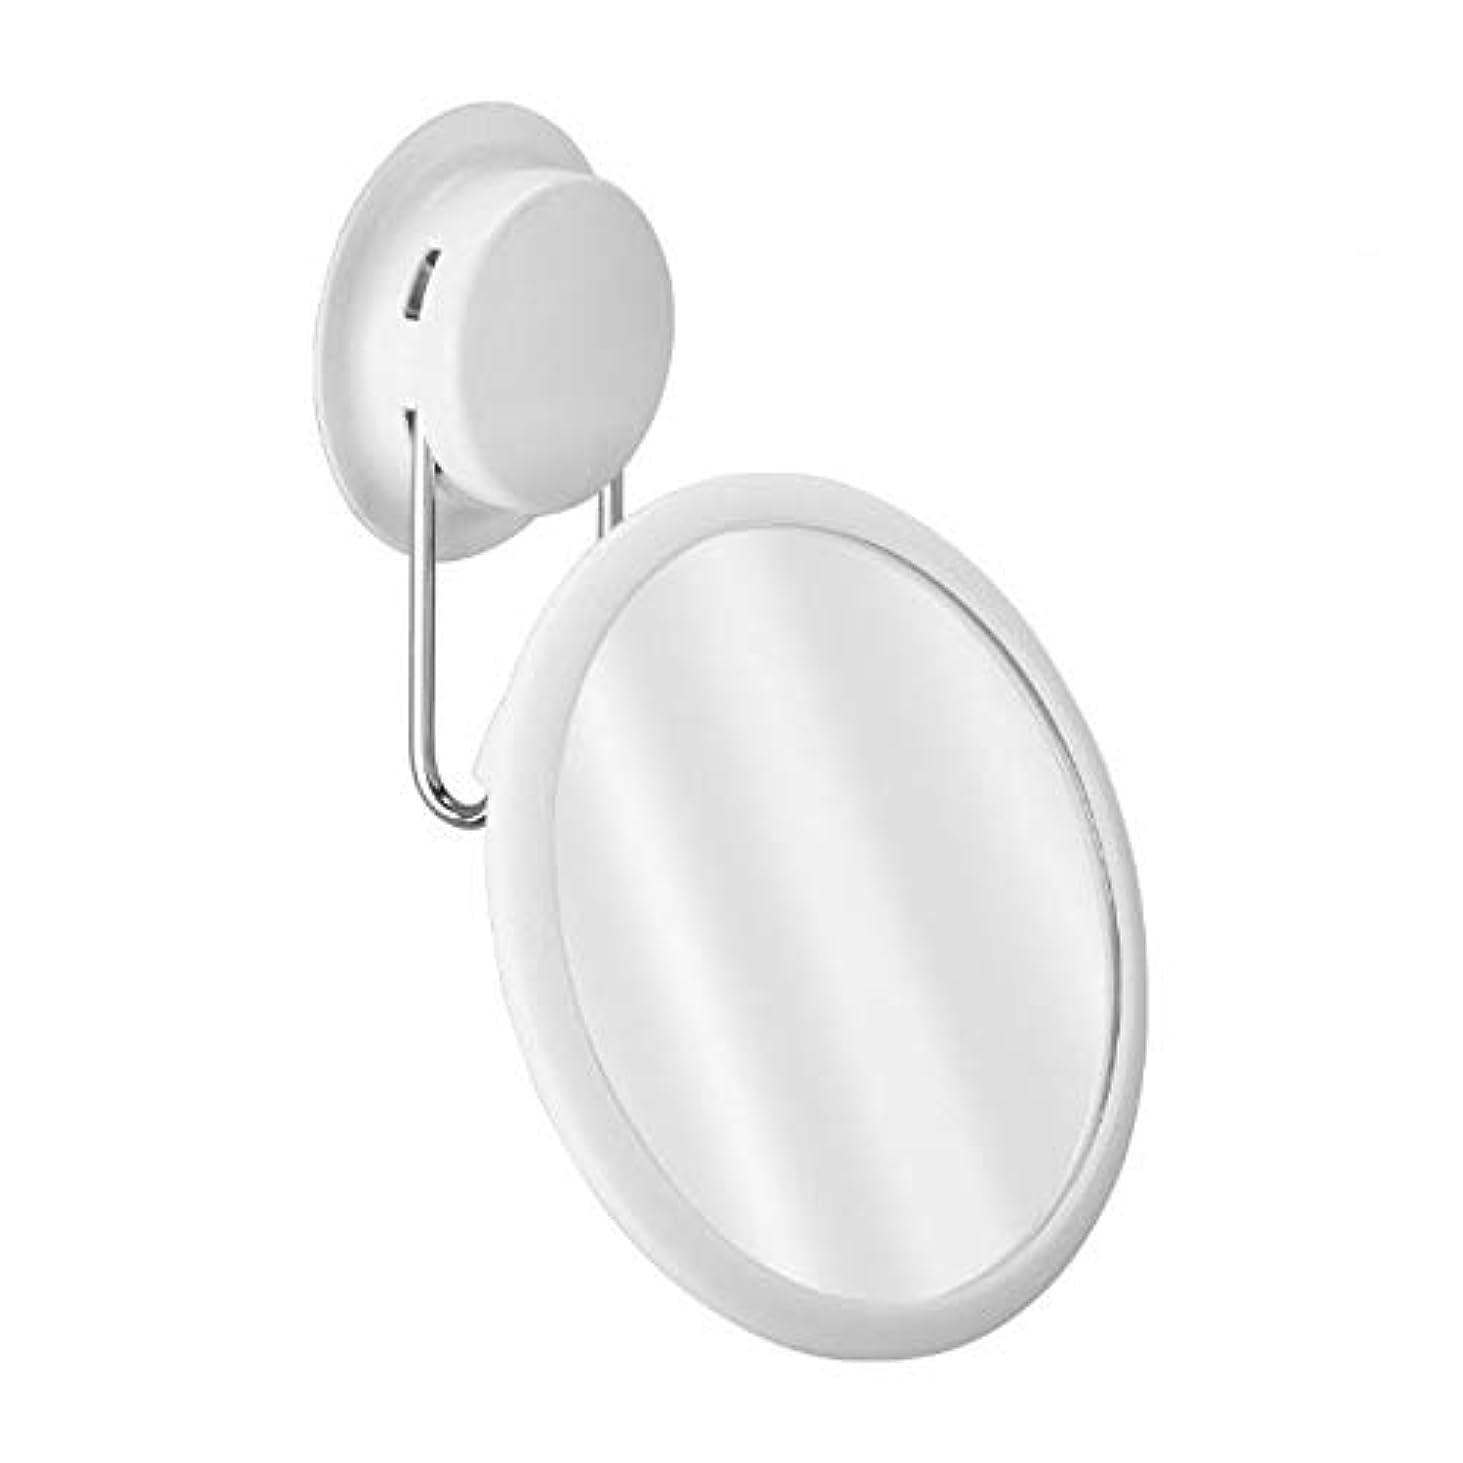 湿ったスタイルエロチック化粧鏡、強力な吸盤ラック無料パンチ浴室洗面化粧台ミラー化粧ギフト